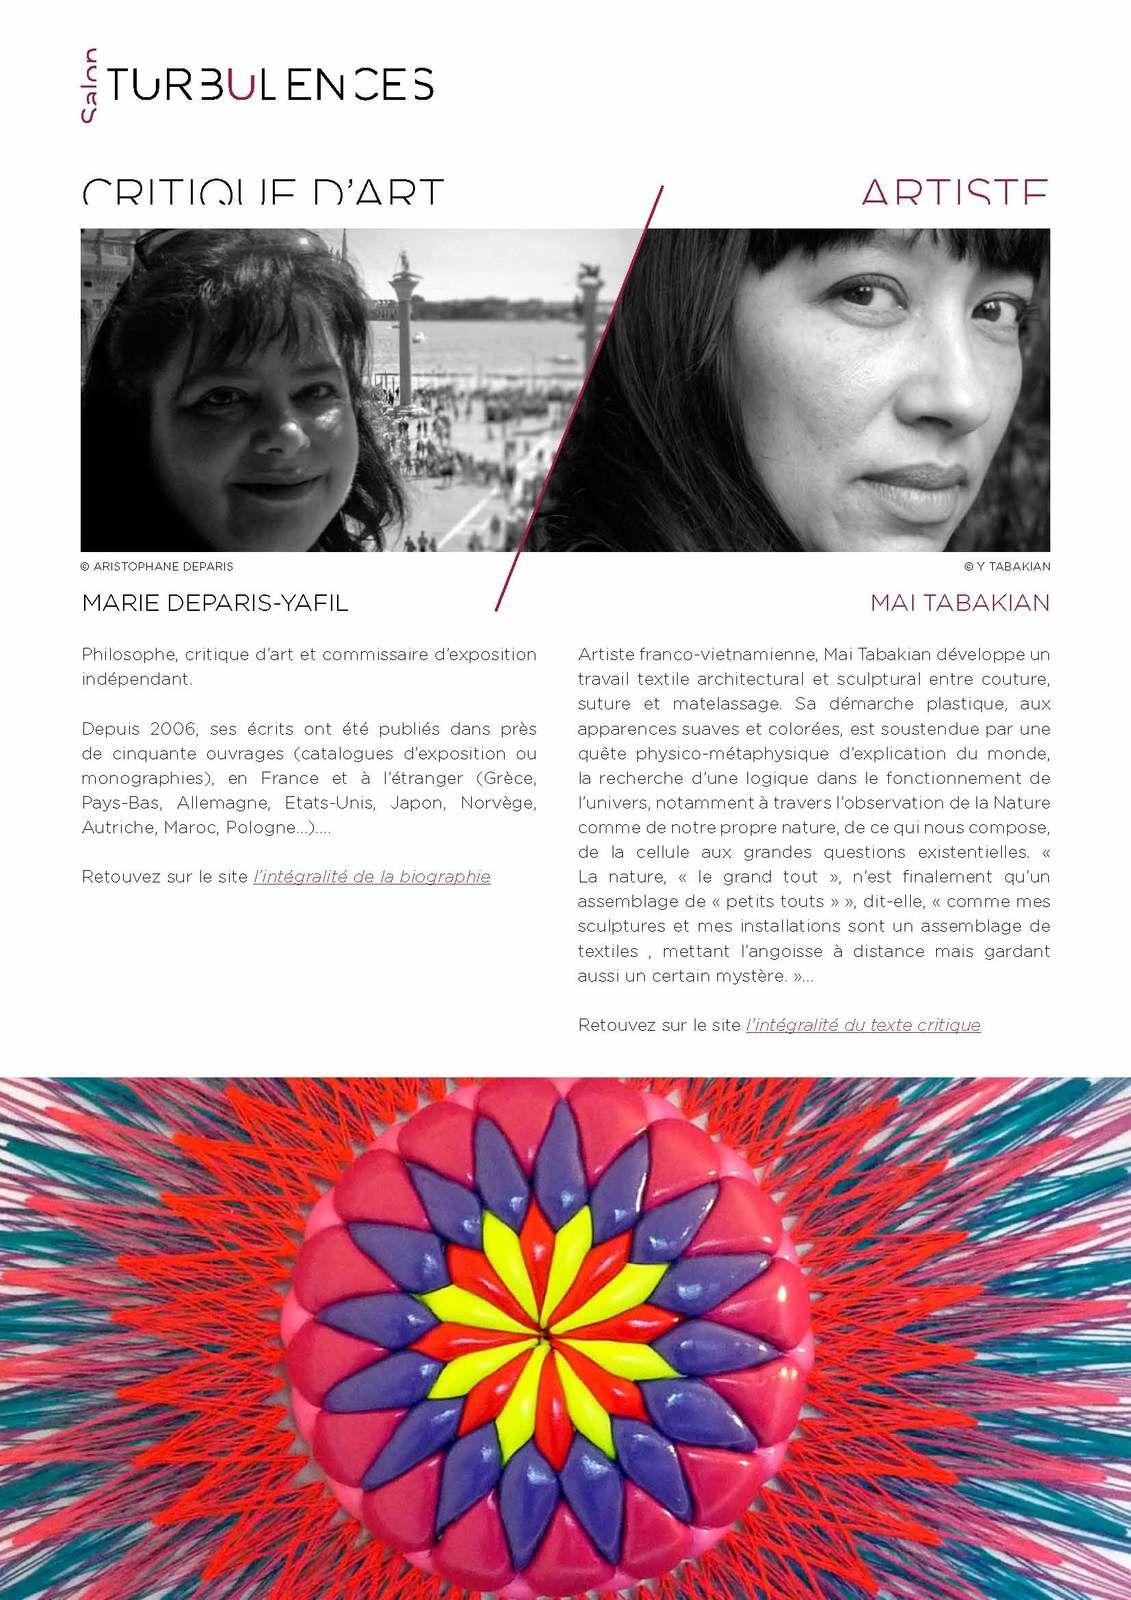 Salon TURBULENCES - #2 - Ode à Gaïa - Décembre 2019 / Mars 2020